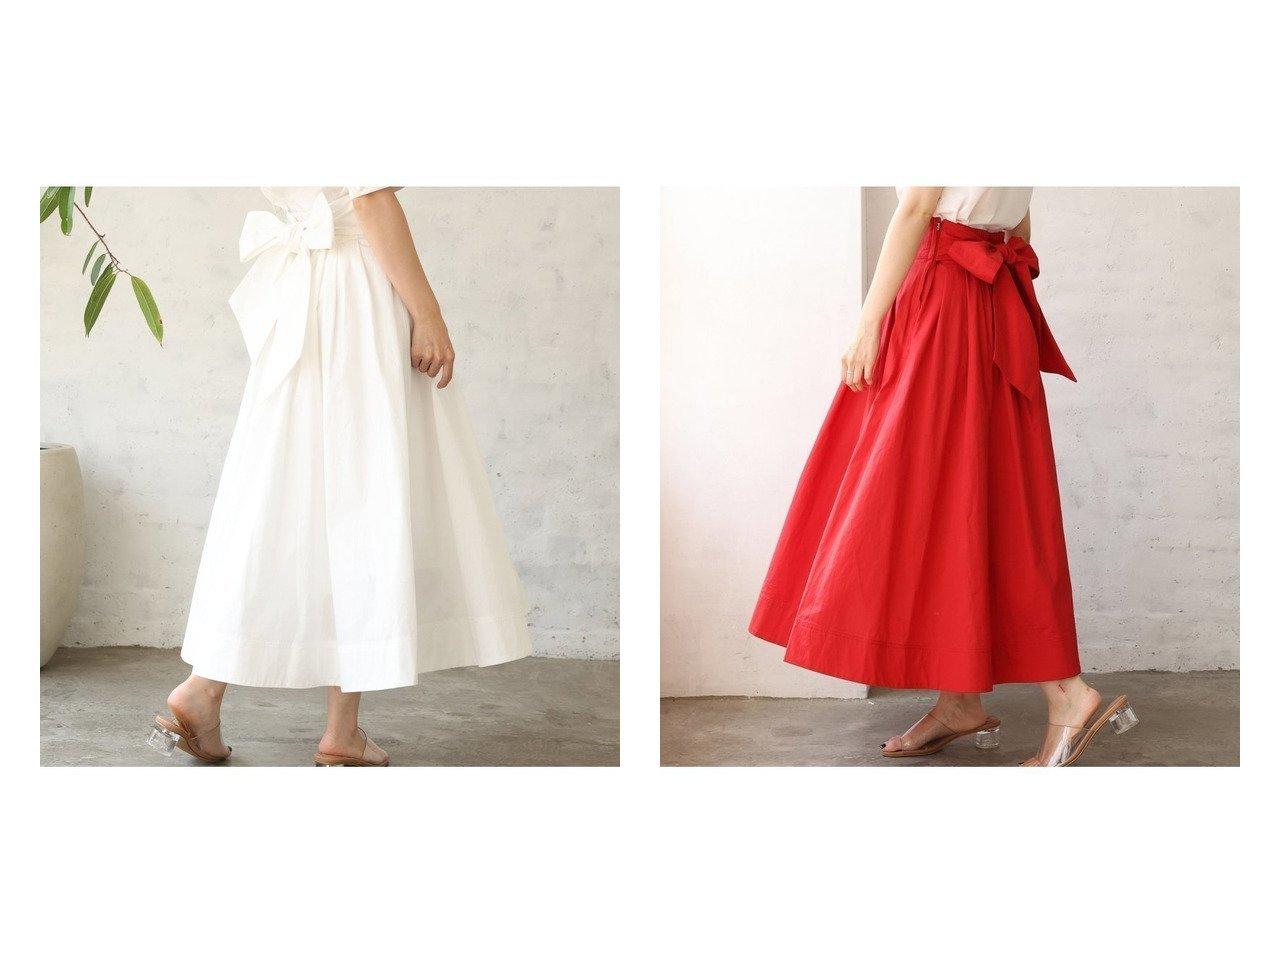 【NICE CLAUP/ナイスクラップ】の美シルエットリボンスカート おすすめ!人気、トレンド・レディースファッションの通販 おすすめで人気の流行・トレンド、ファッションの通販商品 インテリア・家具・メンズファッション・キッズファッション・レディースファッション・服の通販 founy(ファニー) https://founy.com/ ファッション Fashion レディースファッション WOMEN スカート Skirt ミニスカート Mini Skirts コンパクト 今季 セットアップ フェミニン フレア ミニスカート リボン 2021年 2021 2021春夏・S/S SS/Spring/Summer/2021 おすすめ Recommend 夏 Summer |ID:crp329100000062531